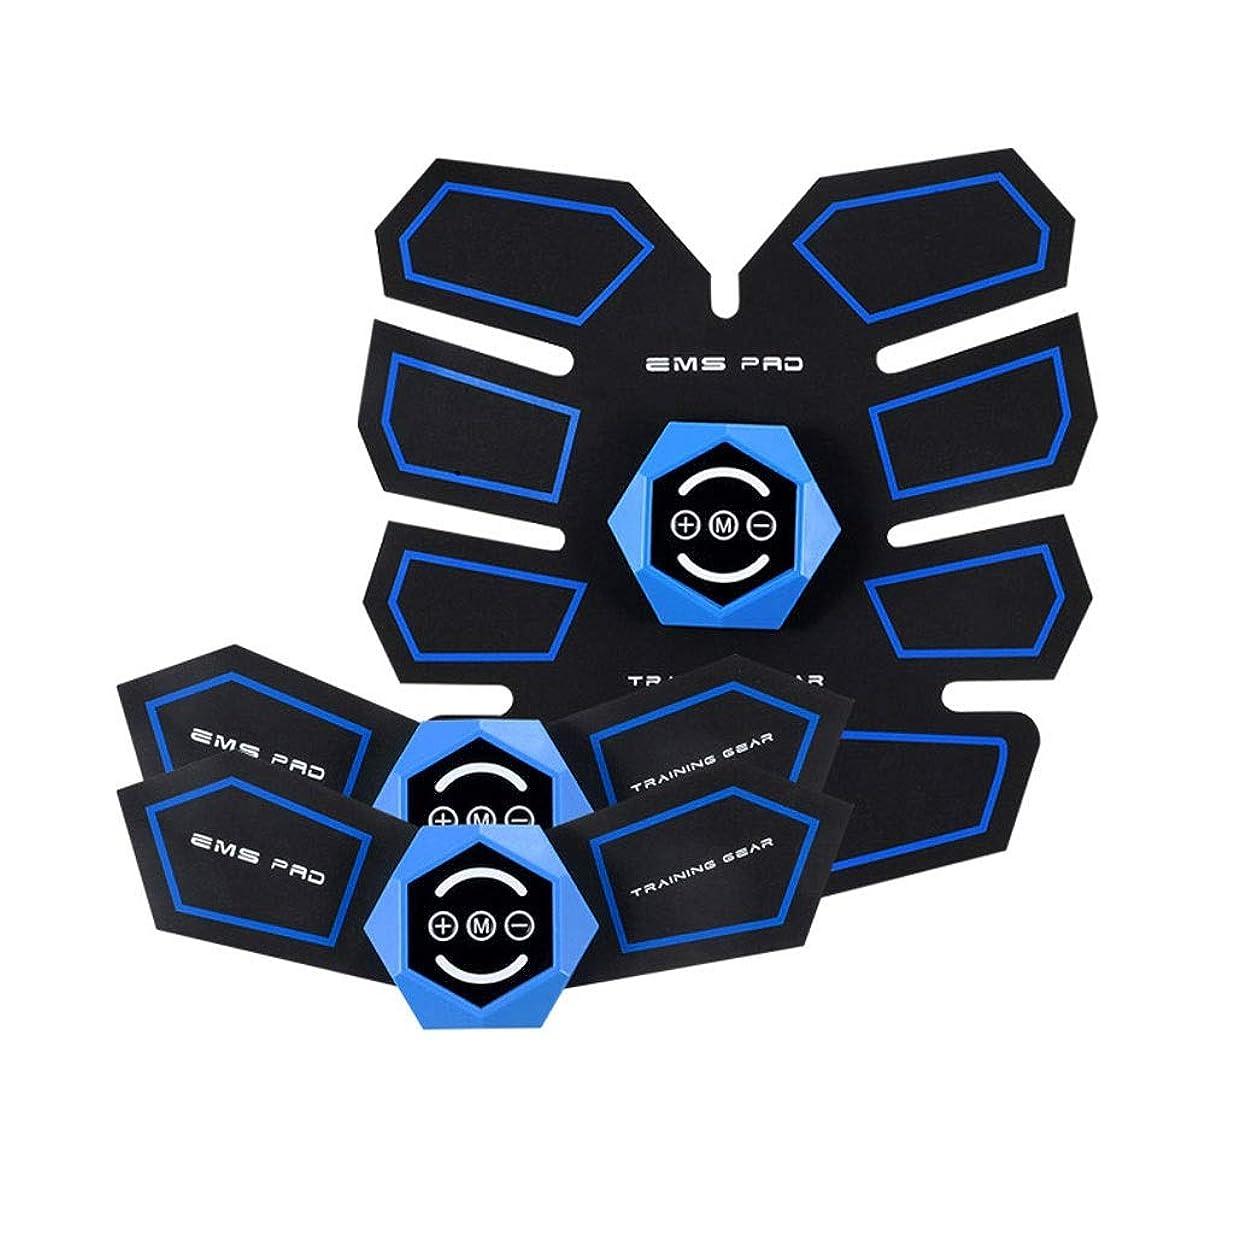 したがってのれん性差別ABSトレーナーEMS腹部電気マッスルスティミュレーター筋肉トナー調色ベルトフィットネストレーニングギアABSエクササイズマシンウエストトレーナーホームワークアウトフィットネス (Size : A)